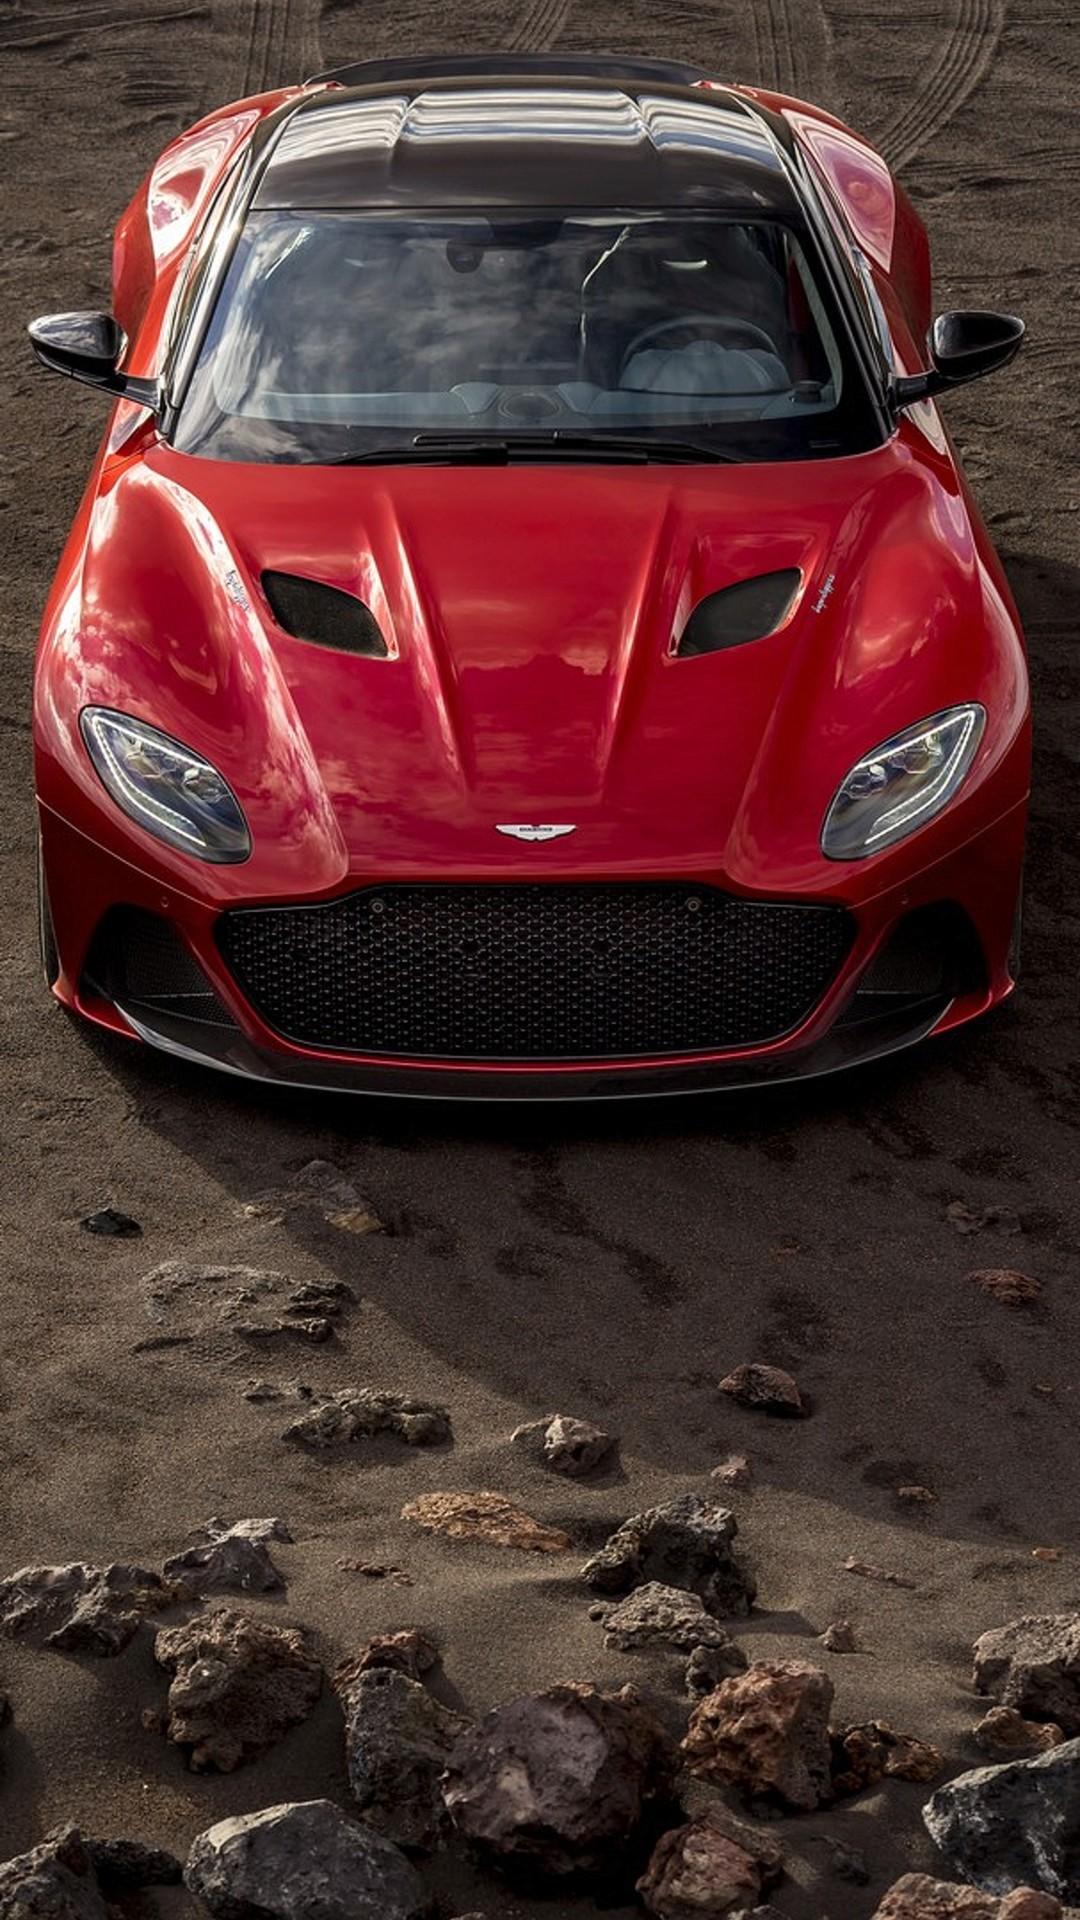 Go Configure the 2019 Aston Martin DBS Superleggera Of ...